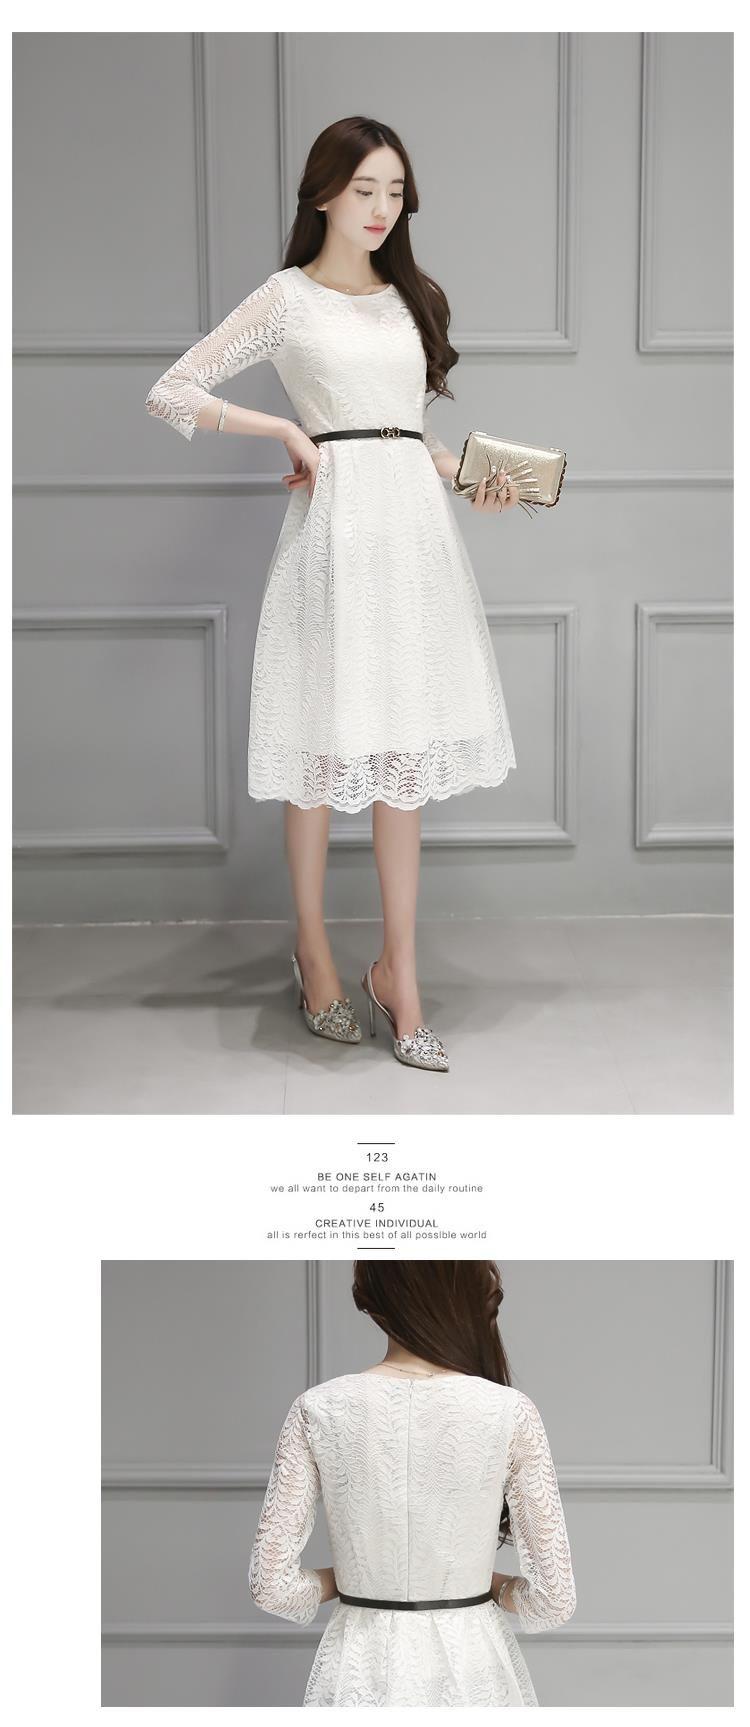 Abiye Elbise Renk Secenekli Dantel Elbise Modeli Gunluk Elbise Olarak Da Kullanabileceginiz Zarif Bir Model Gecikmeden Siparis Verin Ucuz Abiye Elbise Ve Kali